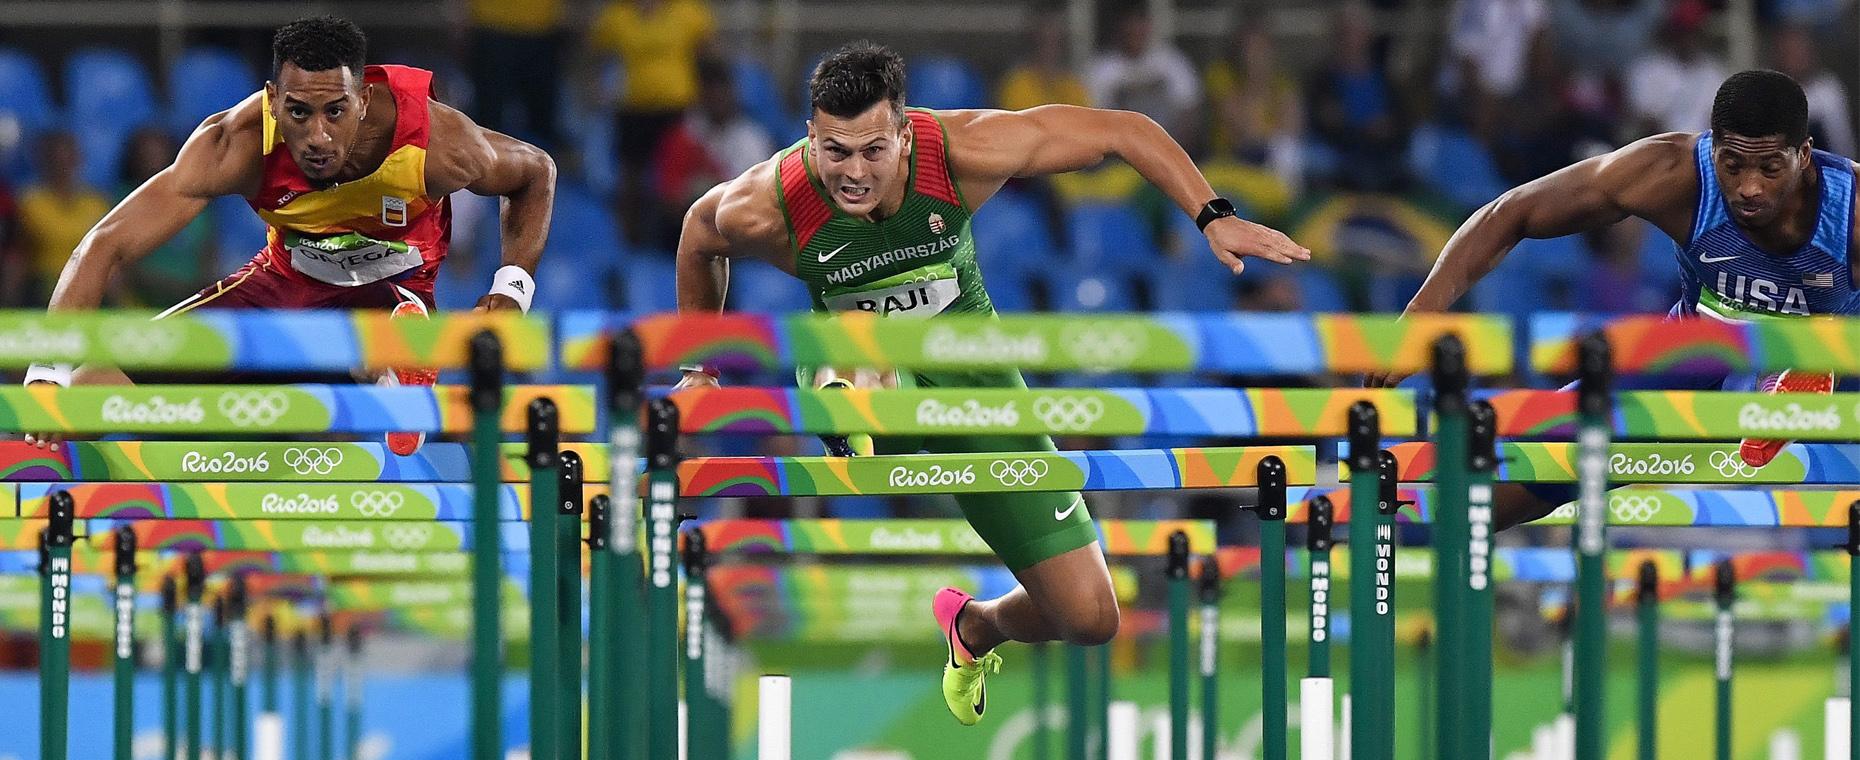 Riói elődöntősünk Baji Balázs 110 m gátfutó